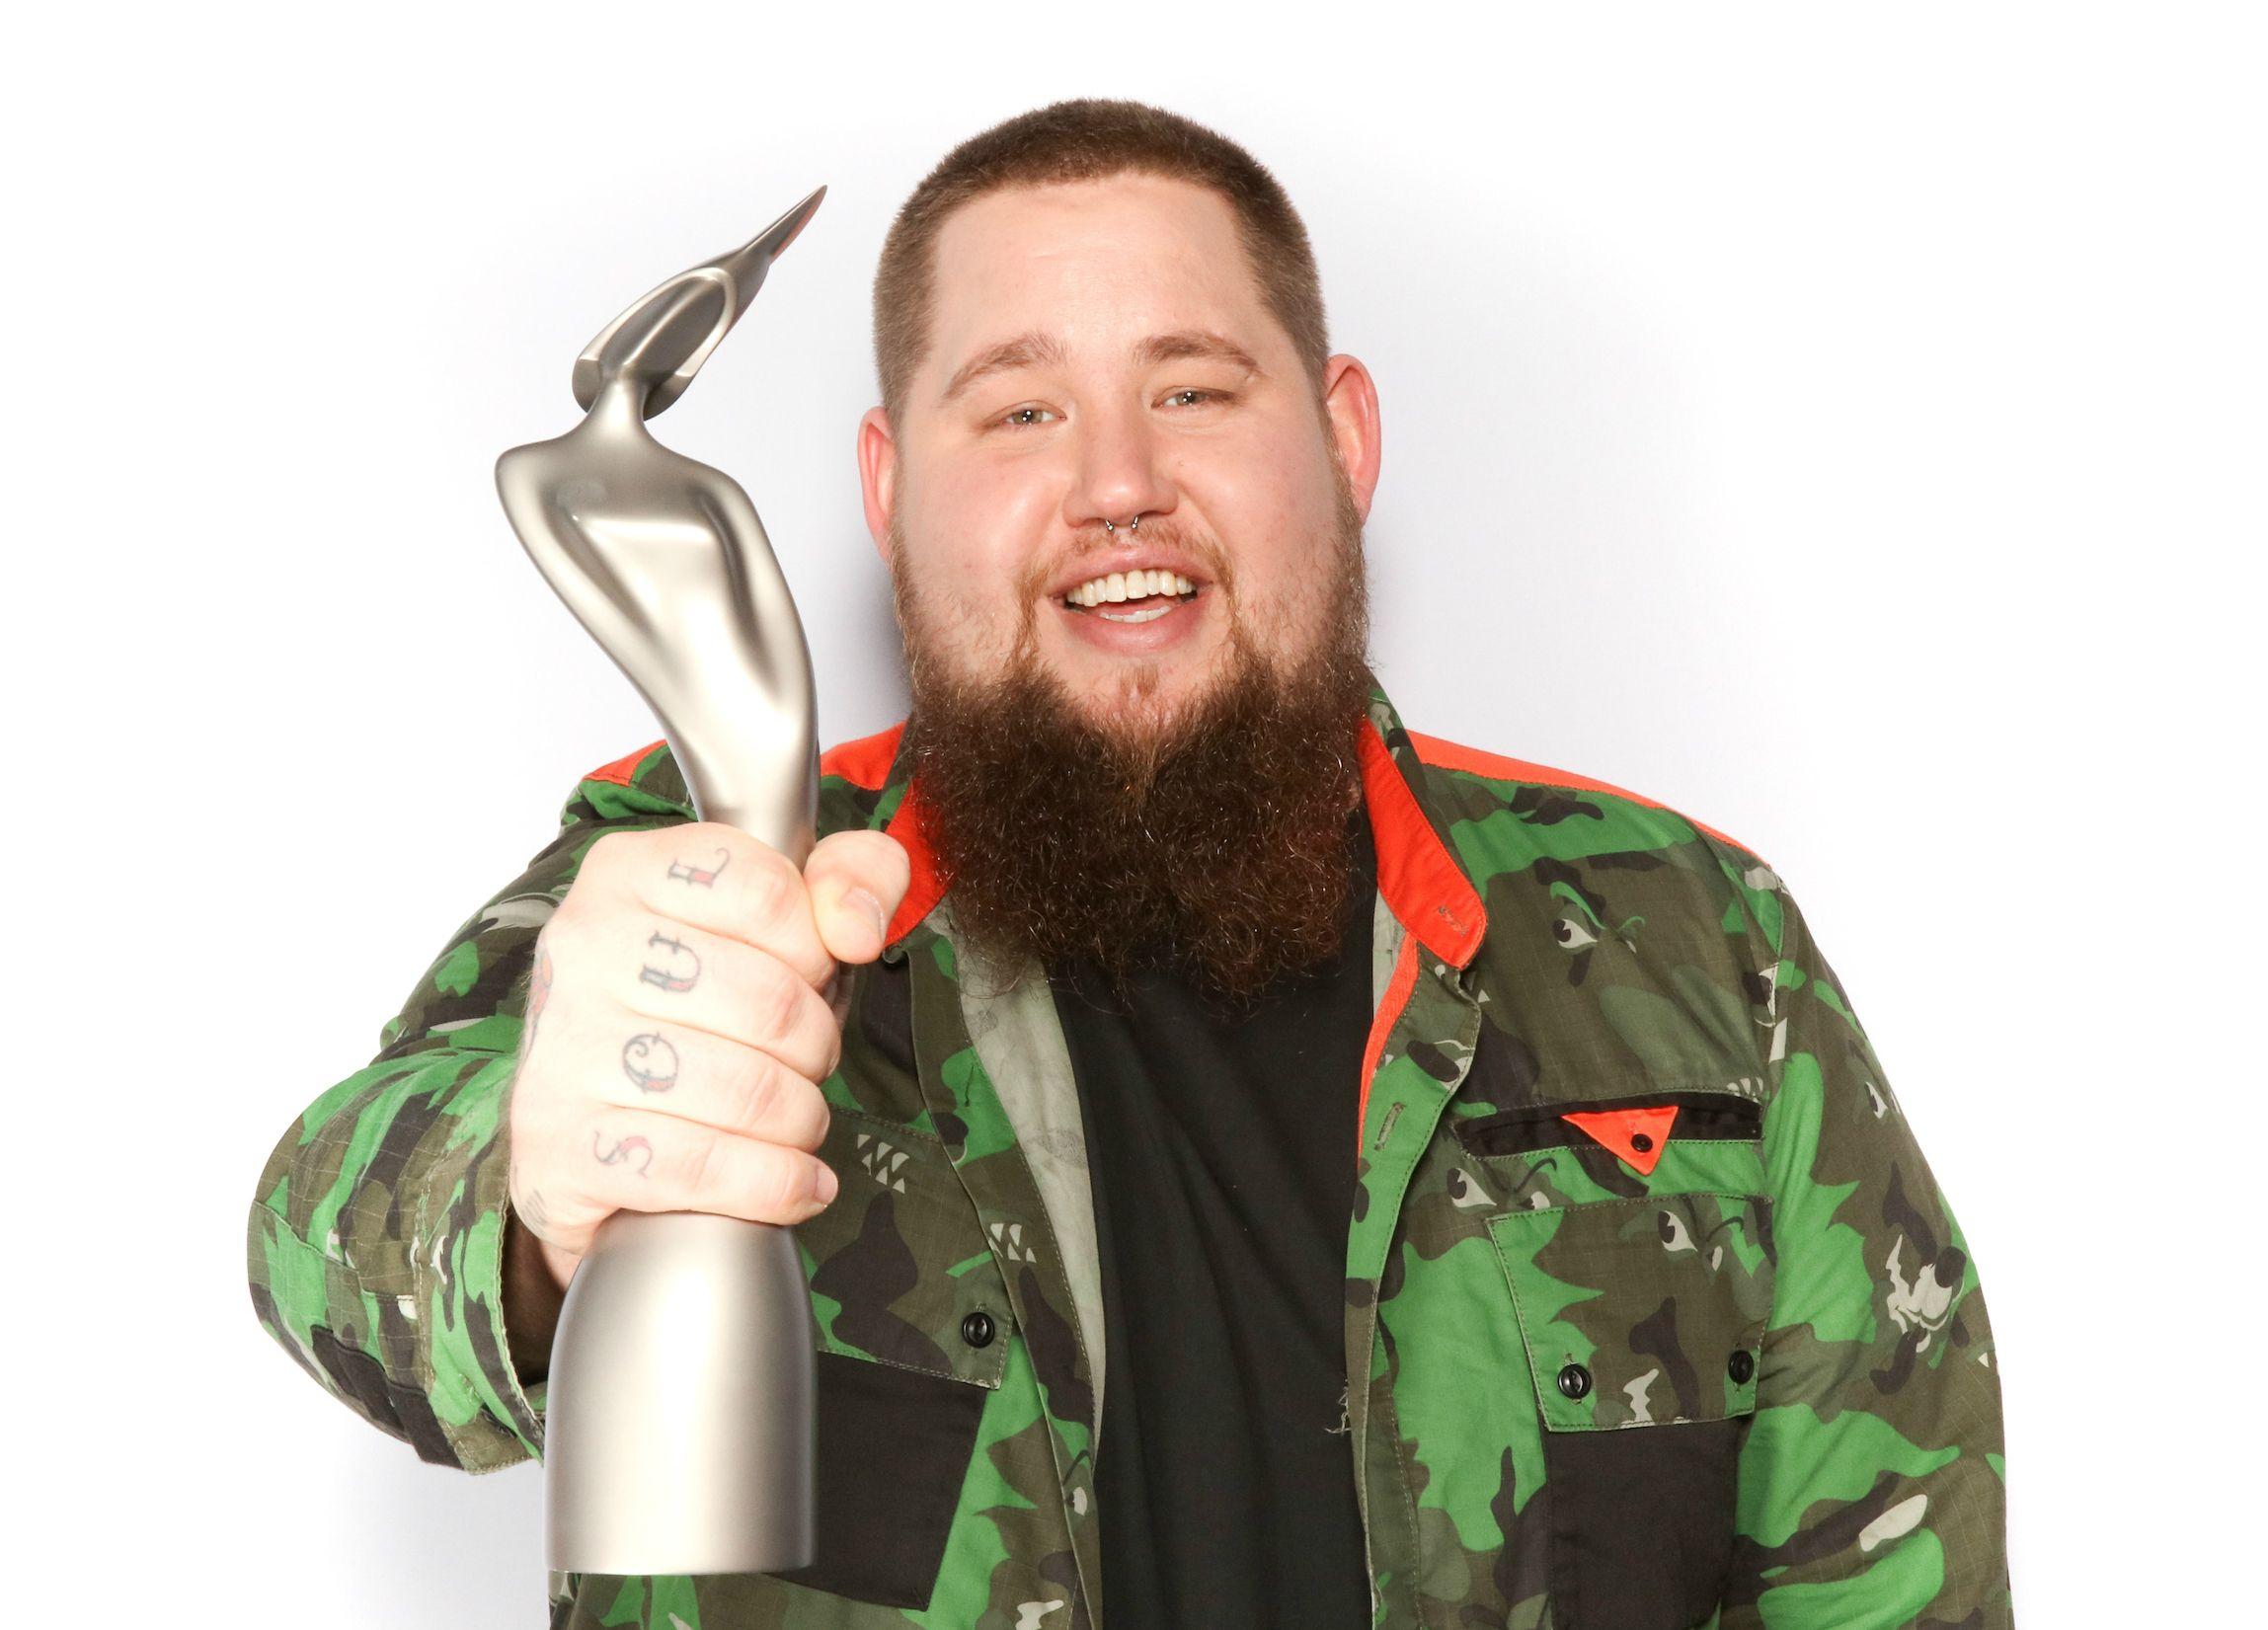 Brits Critics' Choice winner 2017 Rag'n'Bone Man